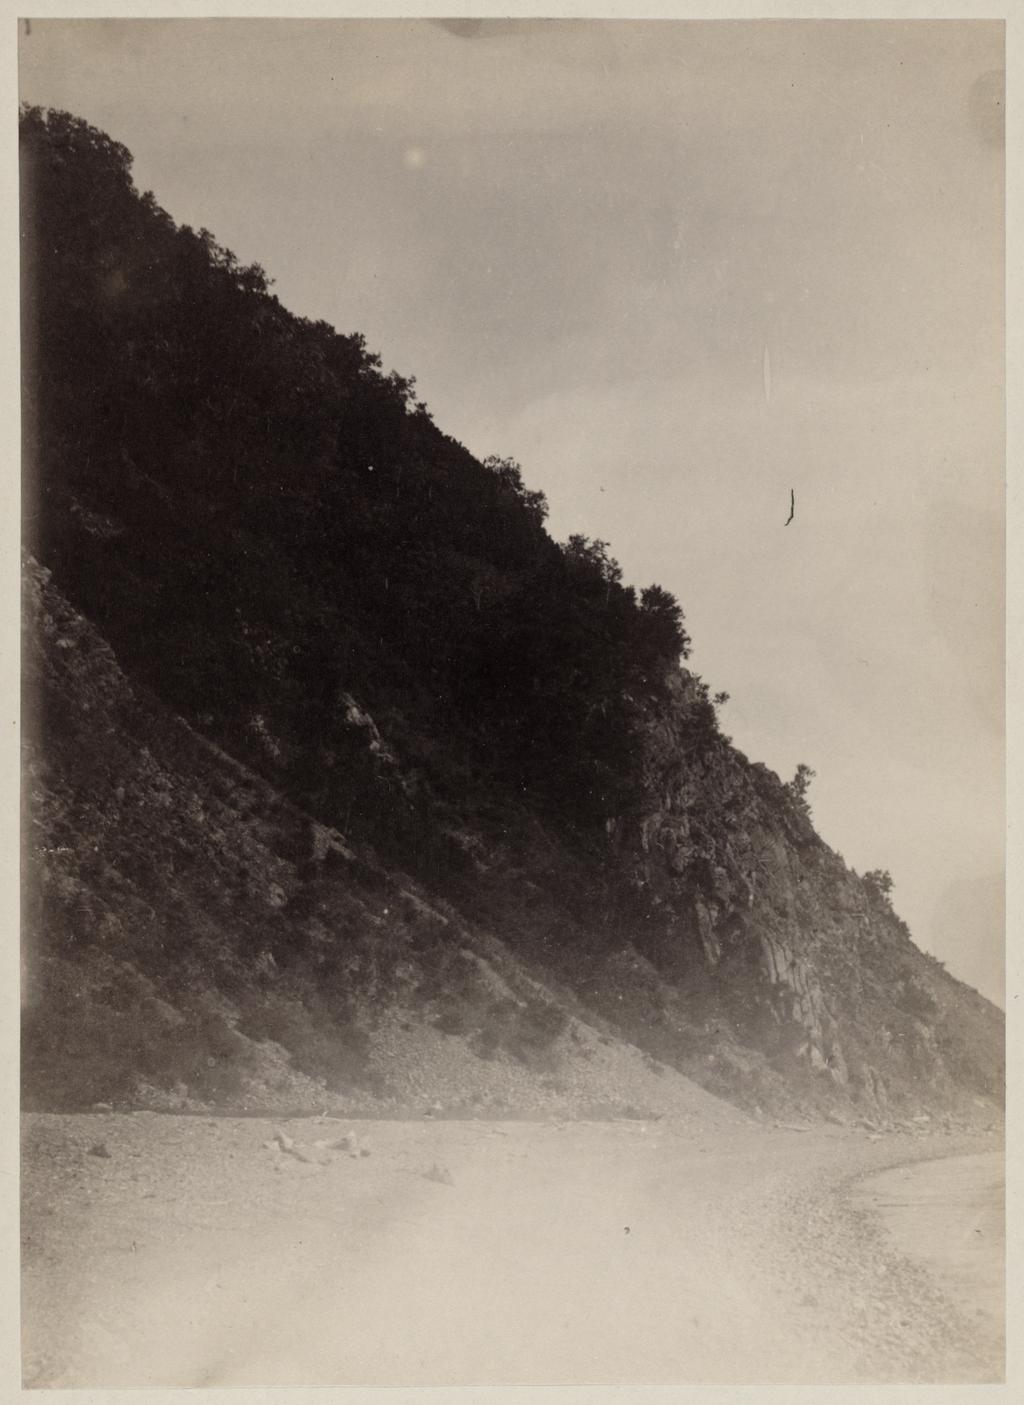 Северозападный склон Никольской горы в Петропавловской бухте, с которого был сброшен англо-французский десант 24 августа 1854 года